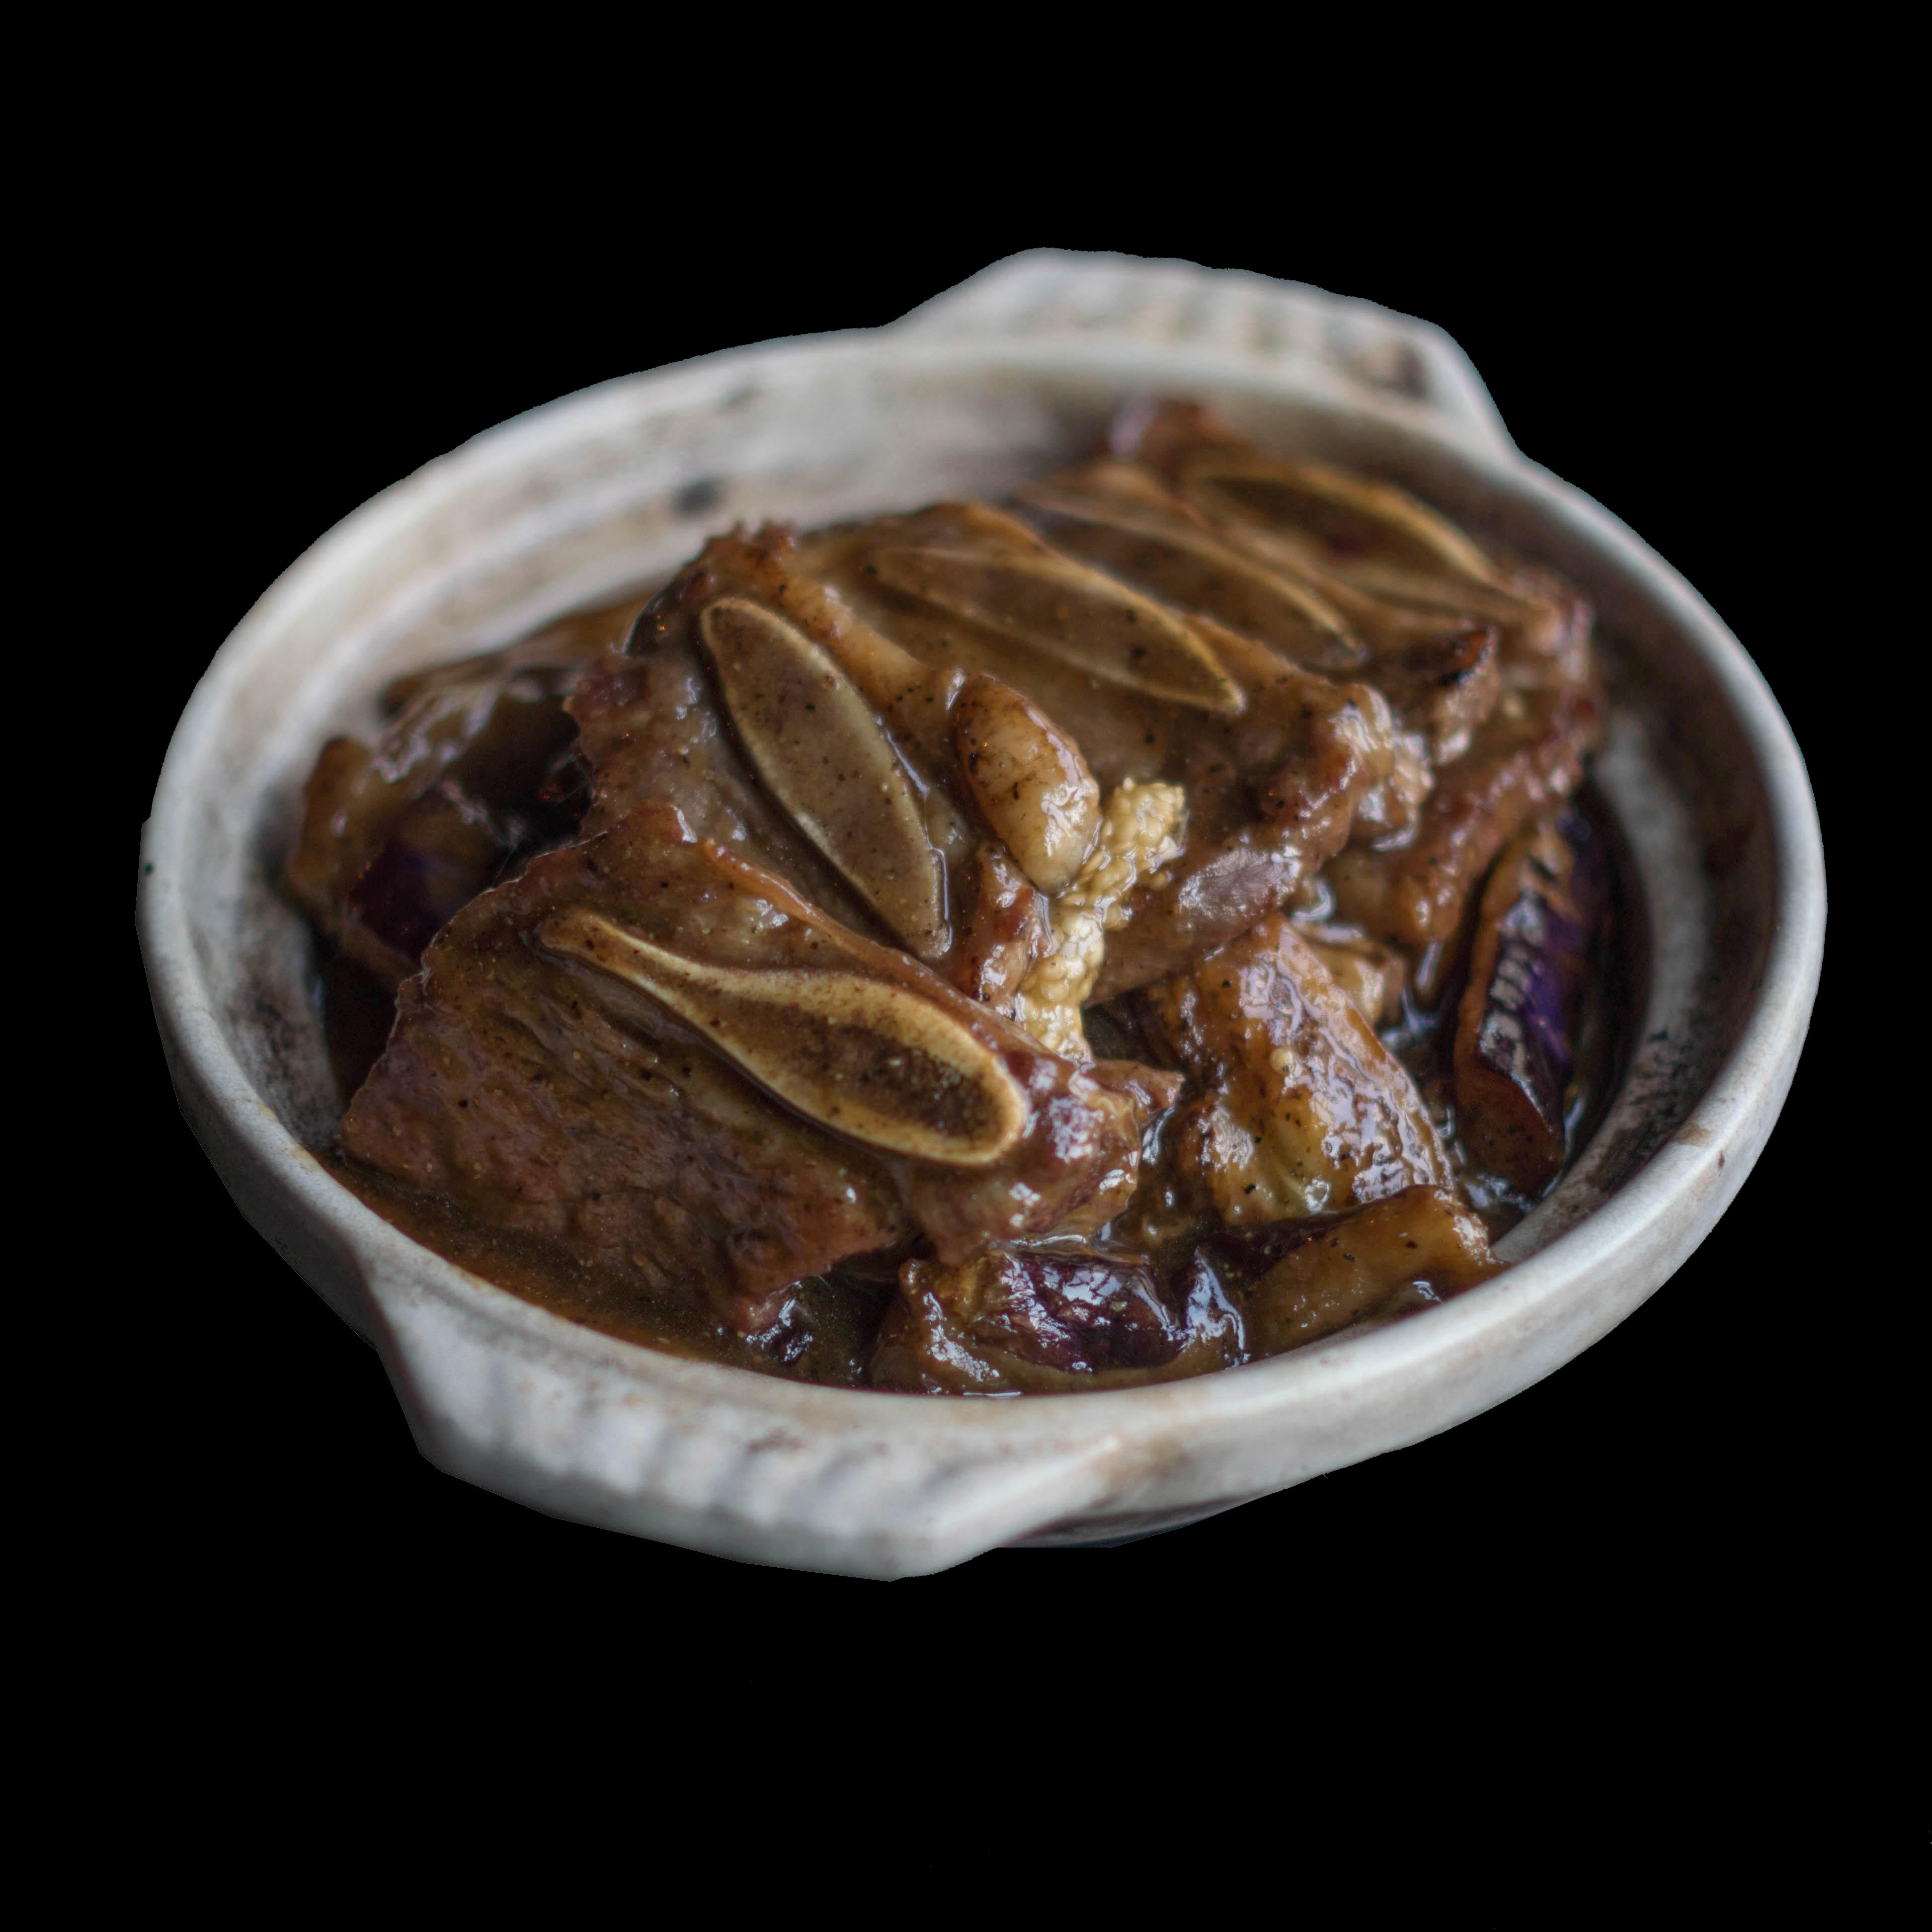 96. 黑椒茄子牛仔骨 Black Pepper Braised Beef Short Ribs w/ Eggplant Image